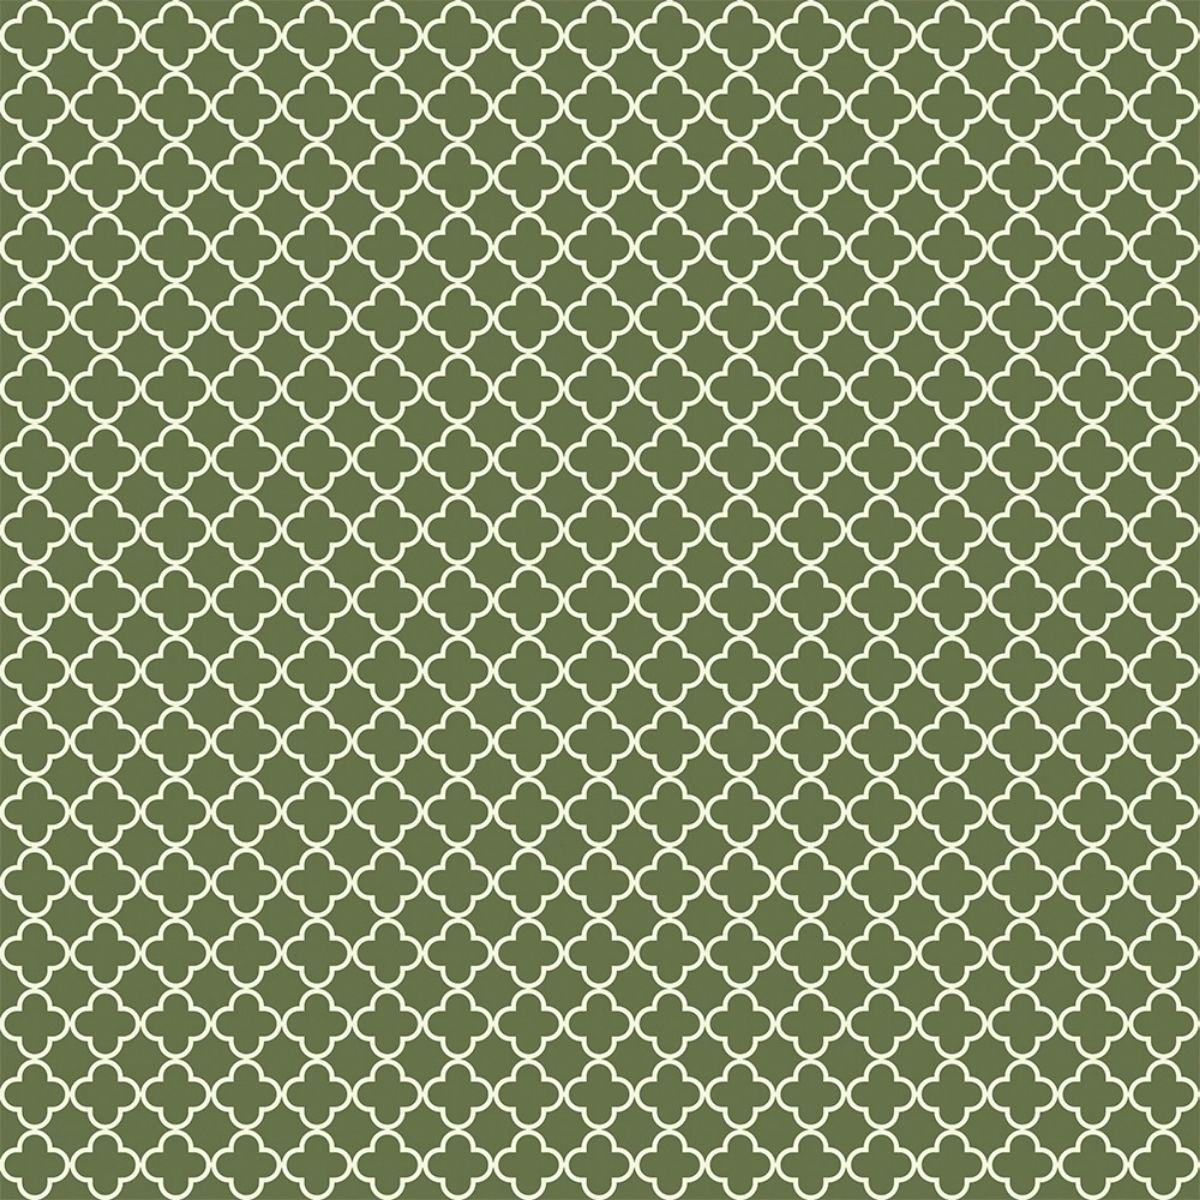 Tecido Tricoline 100% Algodão 0,50 cm x 1,50 m de Largura - Coleção Botânica